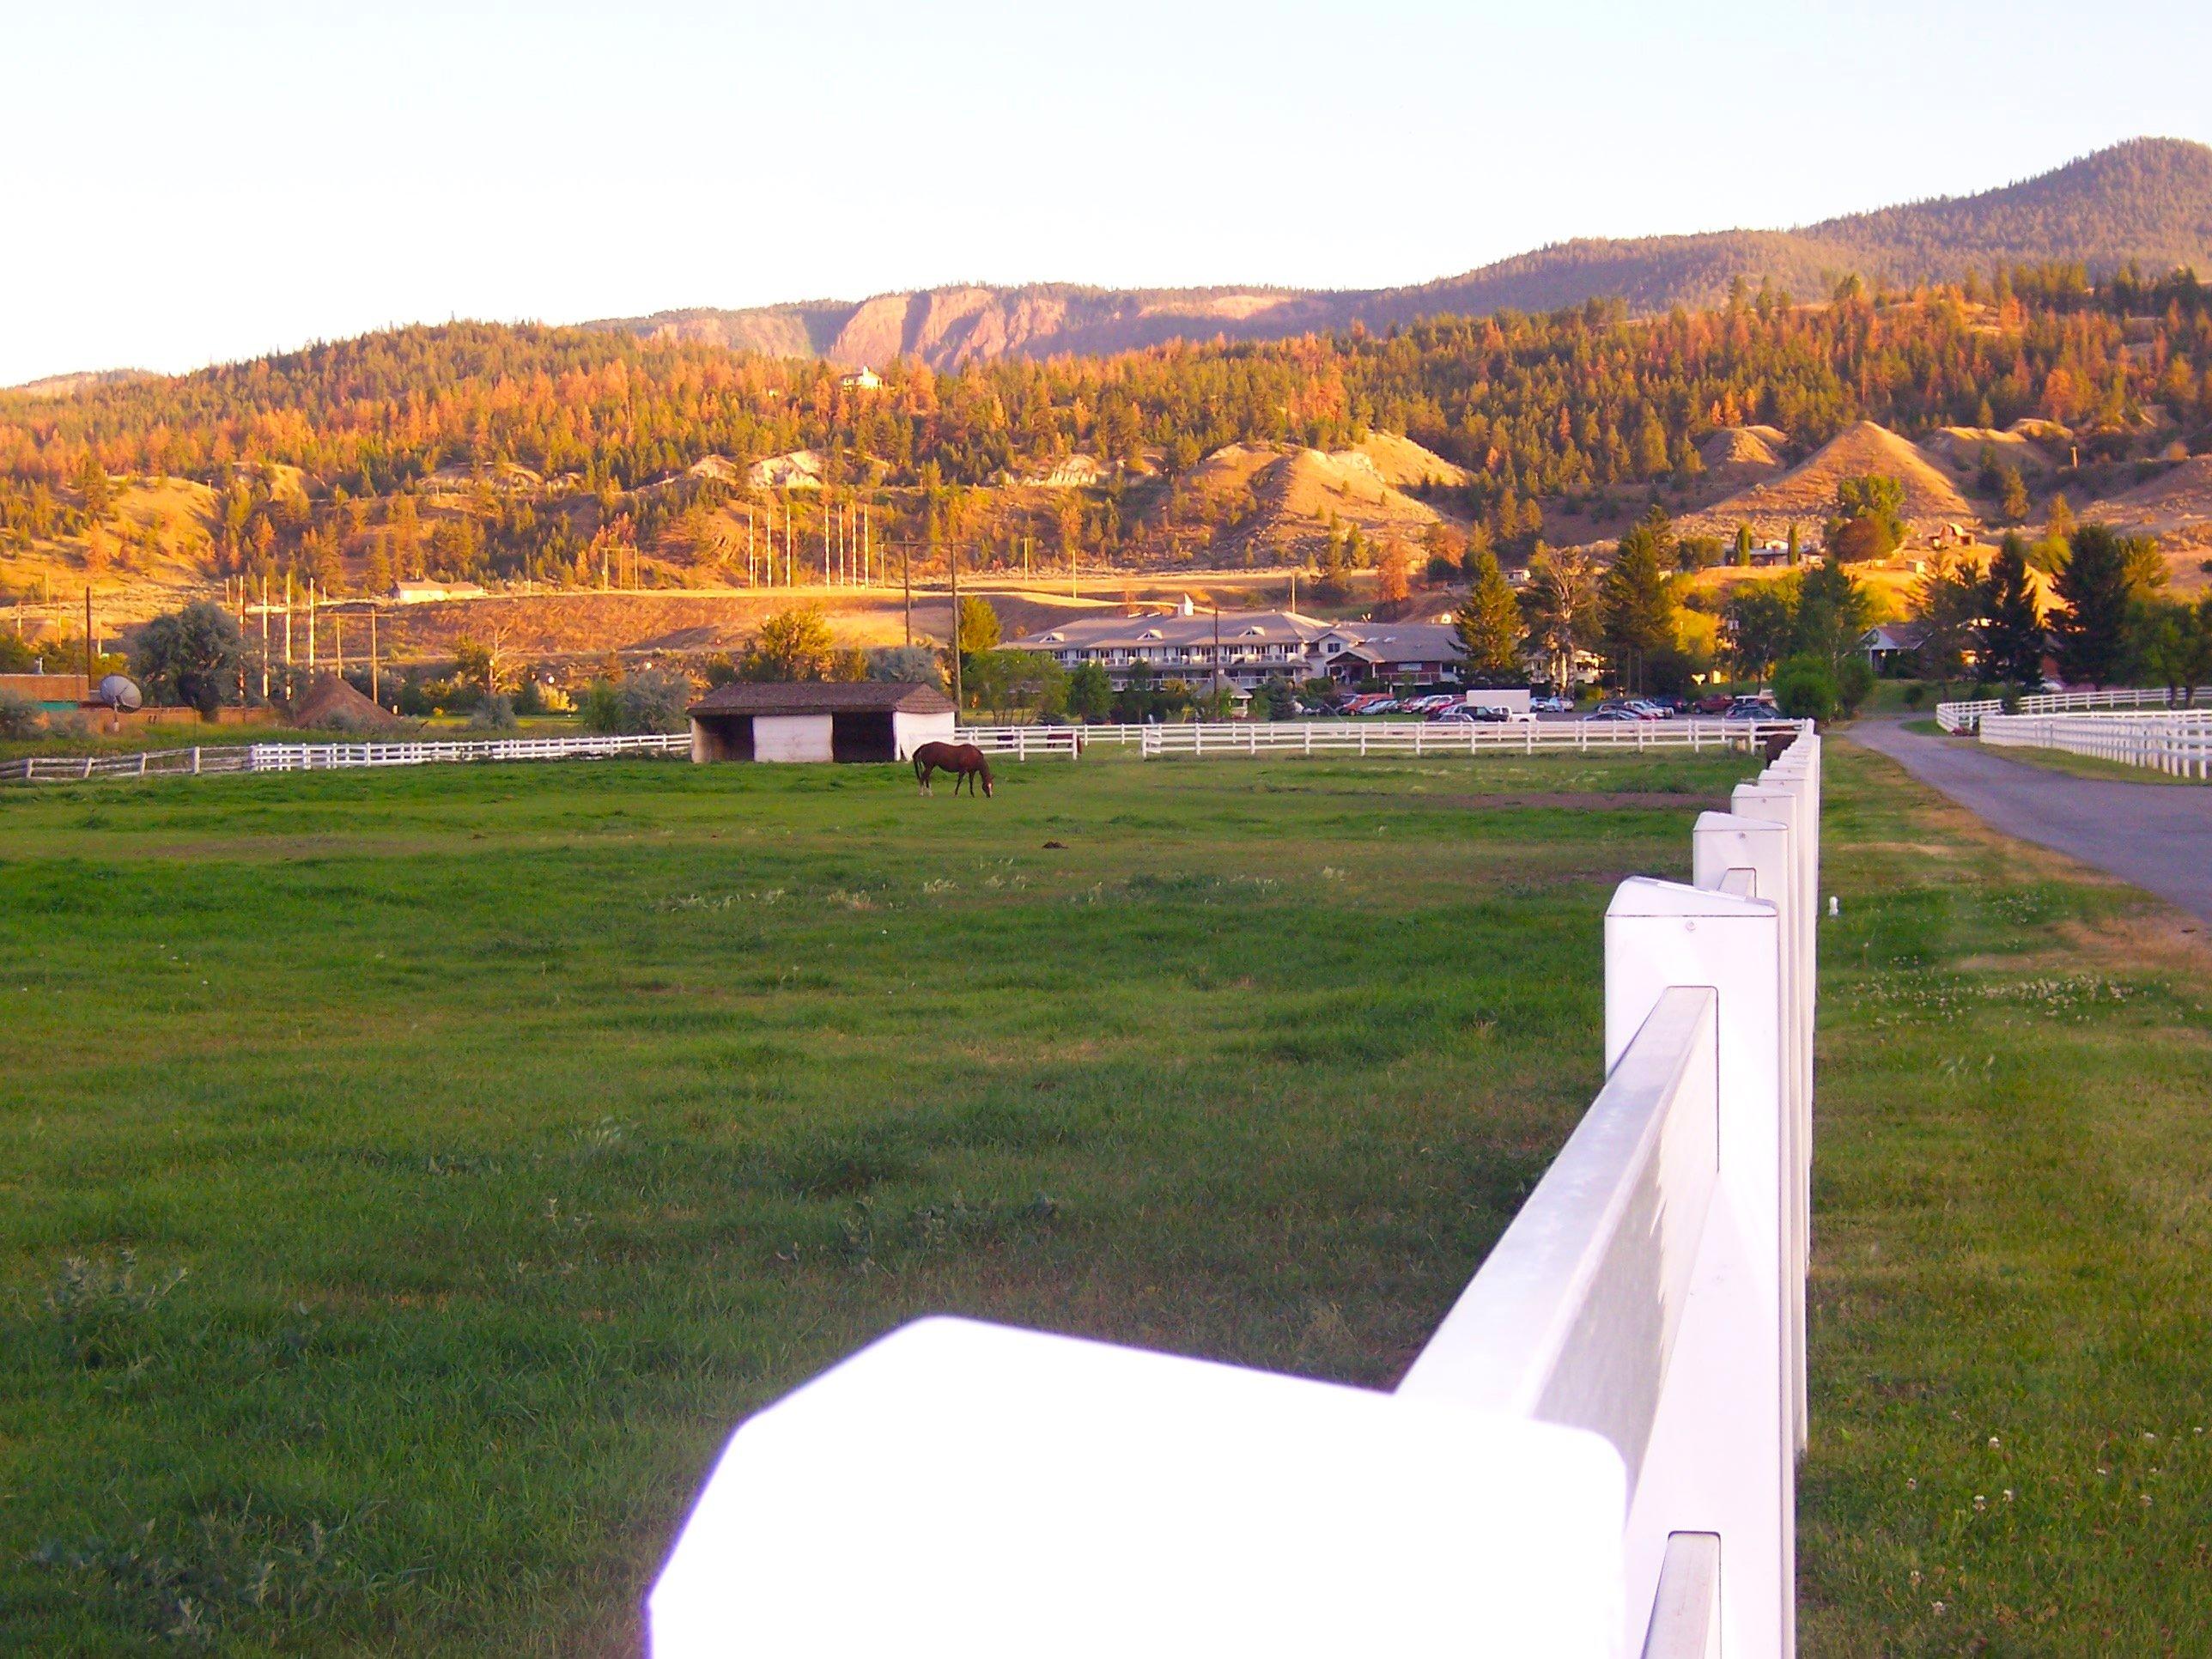 Fall morning at the Inn